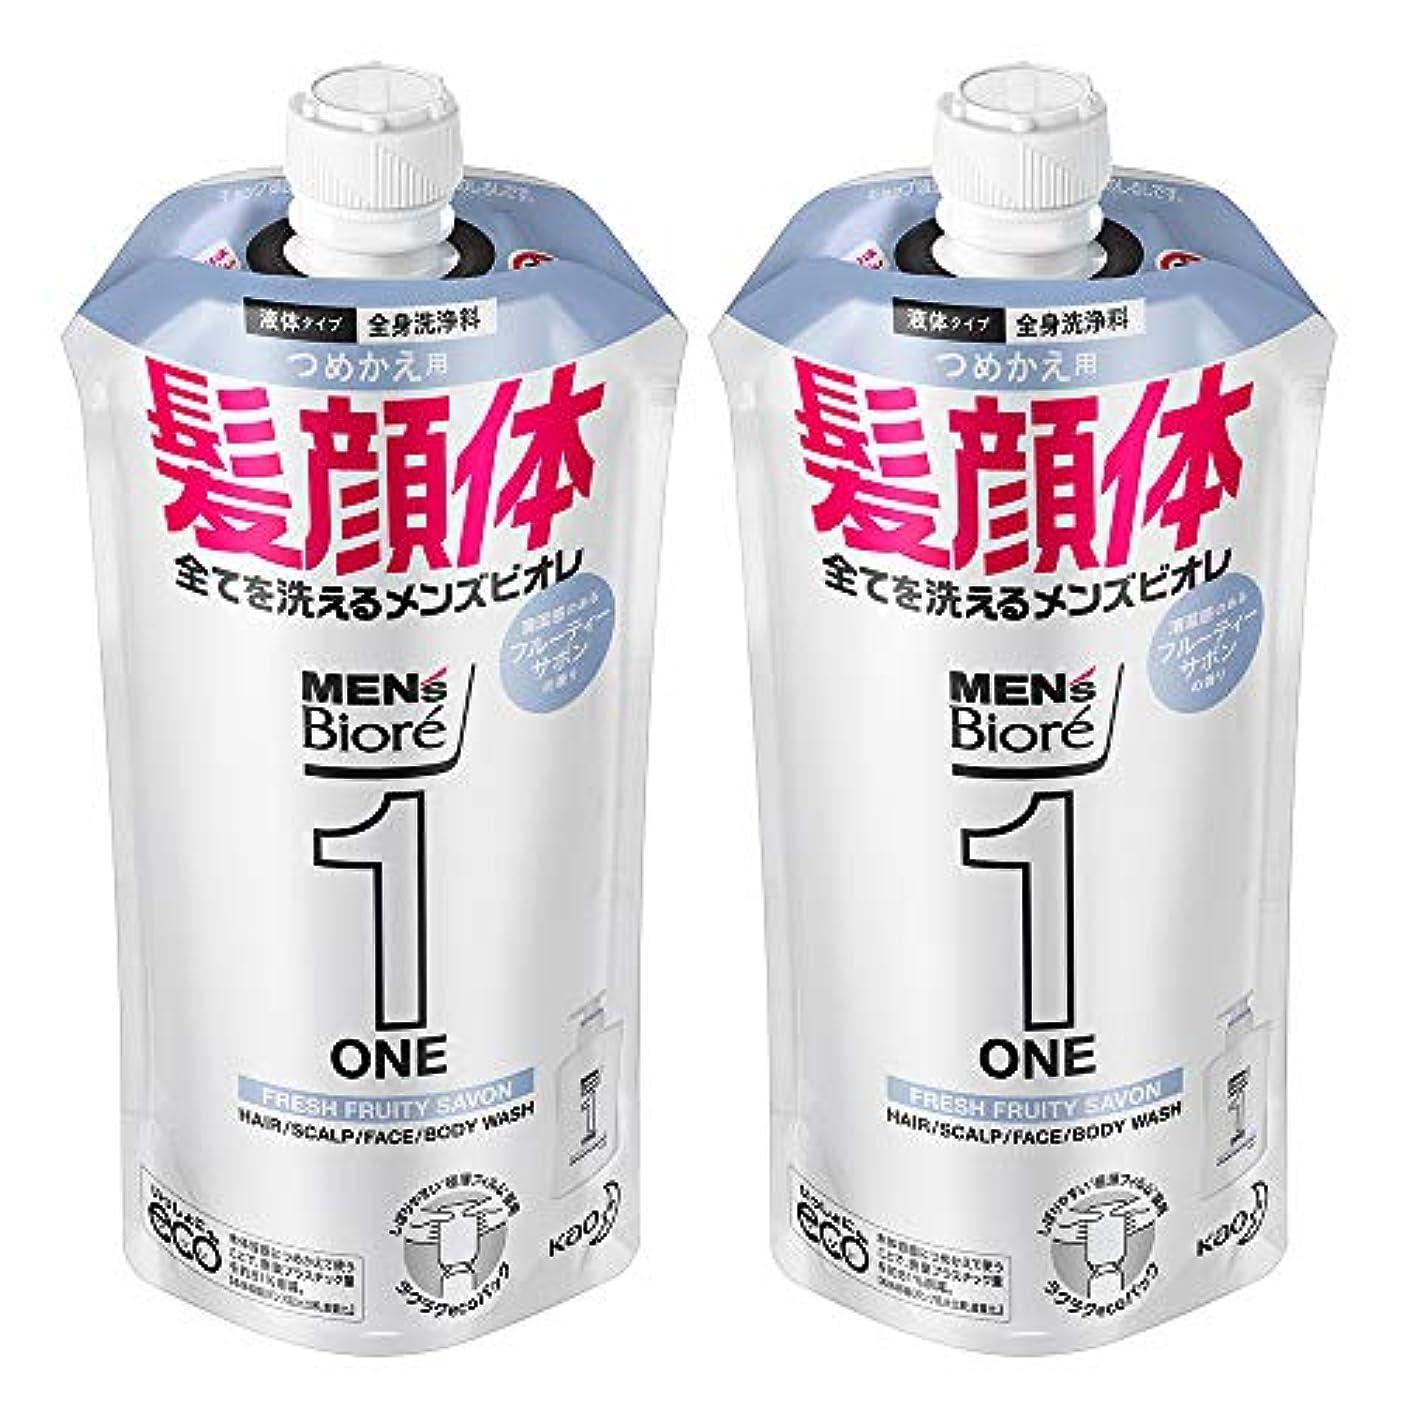 更新する溶接地味な【まとめ買い】メンズビオレ ONE オールインワン全身洗浄料 フルーティーサボンの香り つめかえ用 340ml×2個